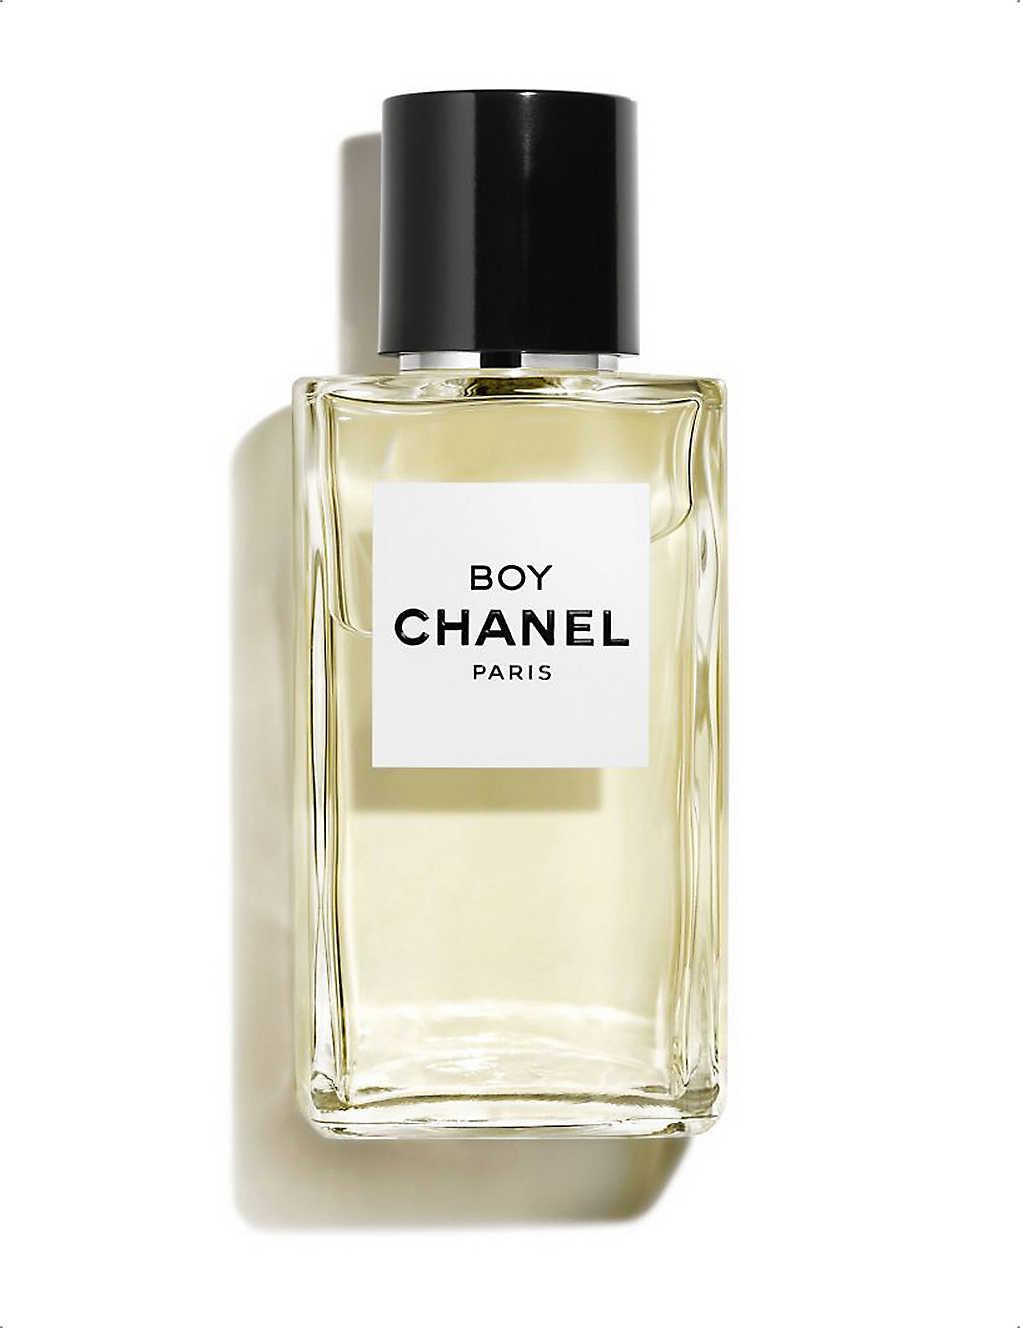 d5be0120f7 LES EXCLUSIFS DE CHANEL BOY CHANEL Eau de Parfum 200ml